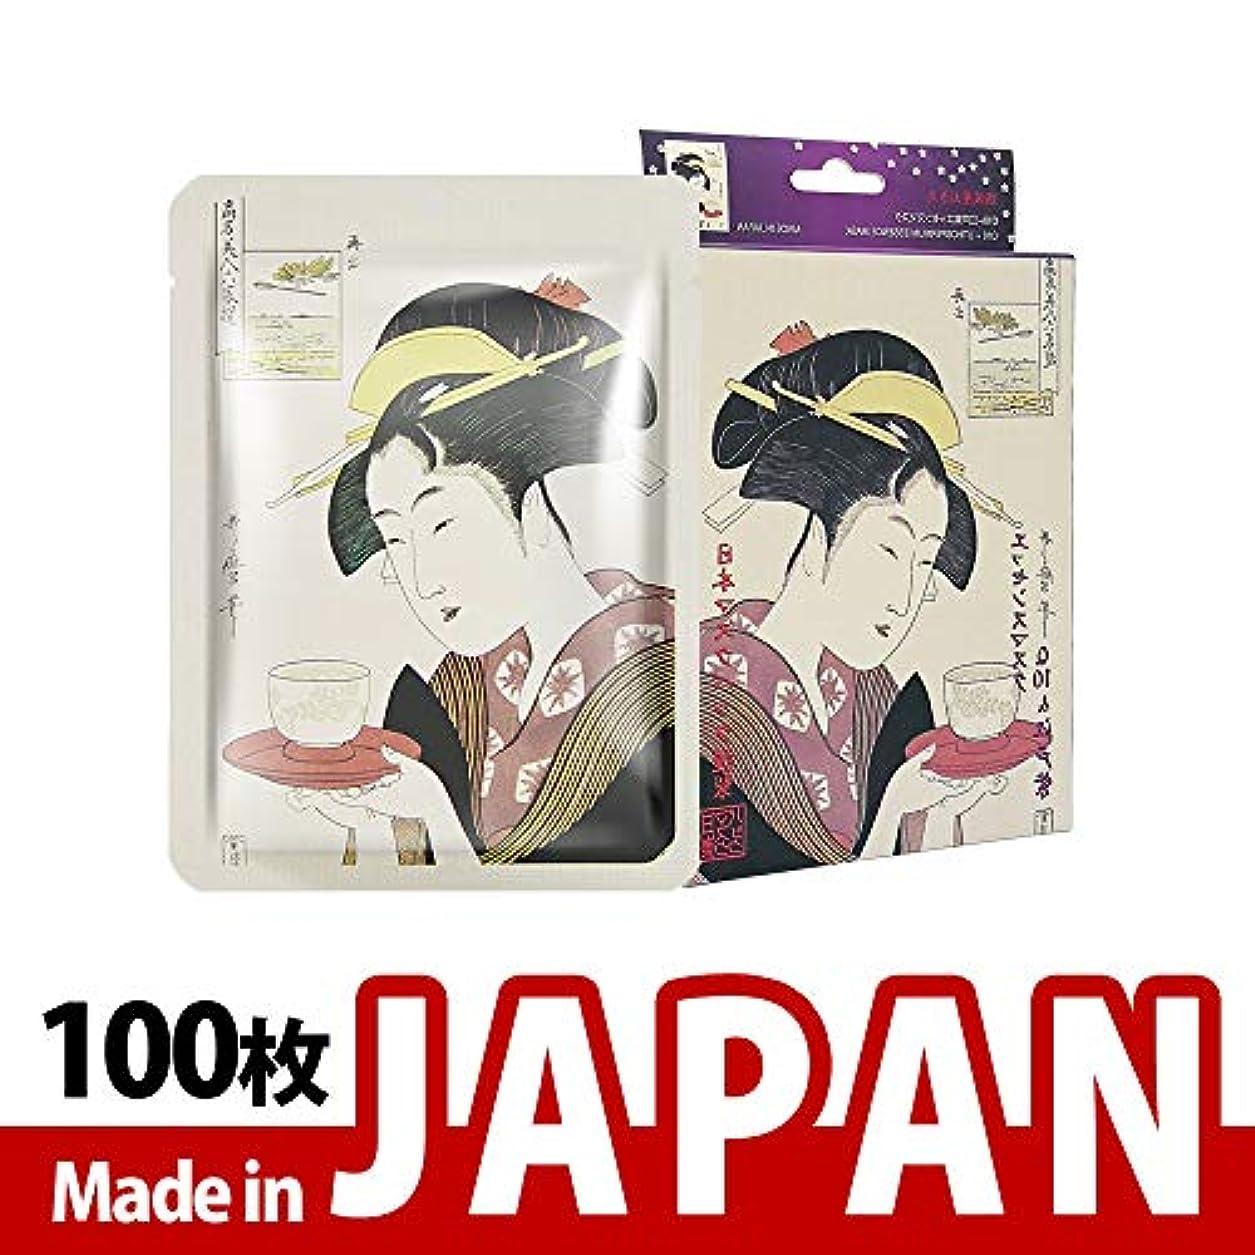 自分を引き上げる床を掃除する可愛いMITOMO【JP002-A-1】日本製シートマスク/10枚入り/100枚/美容液/マスクパック/送料無料